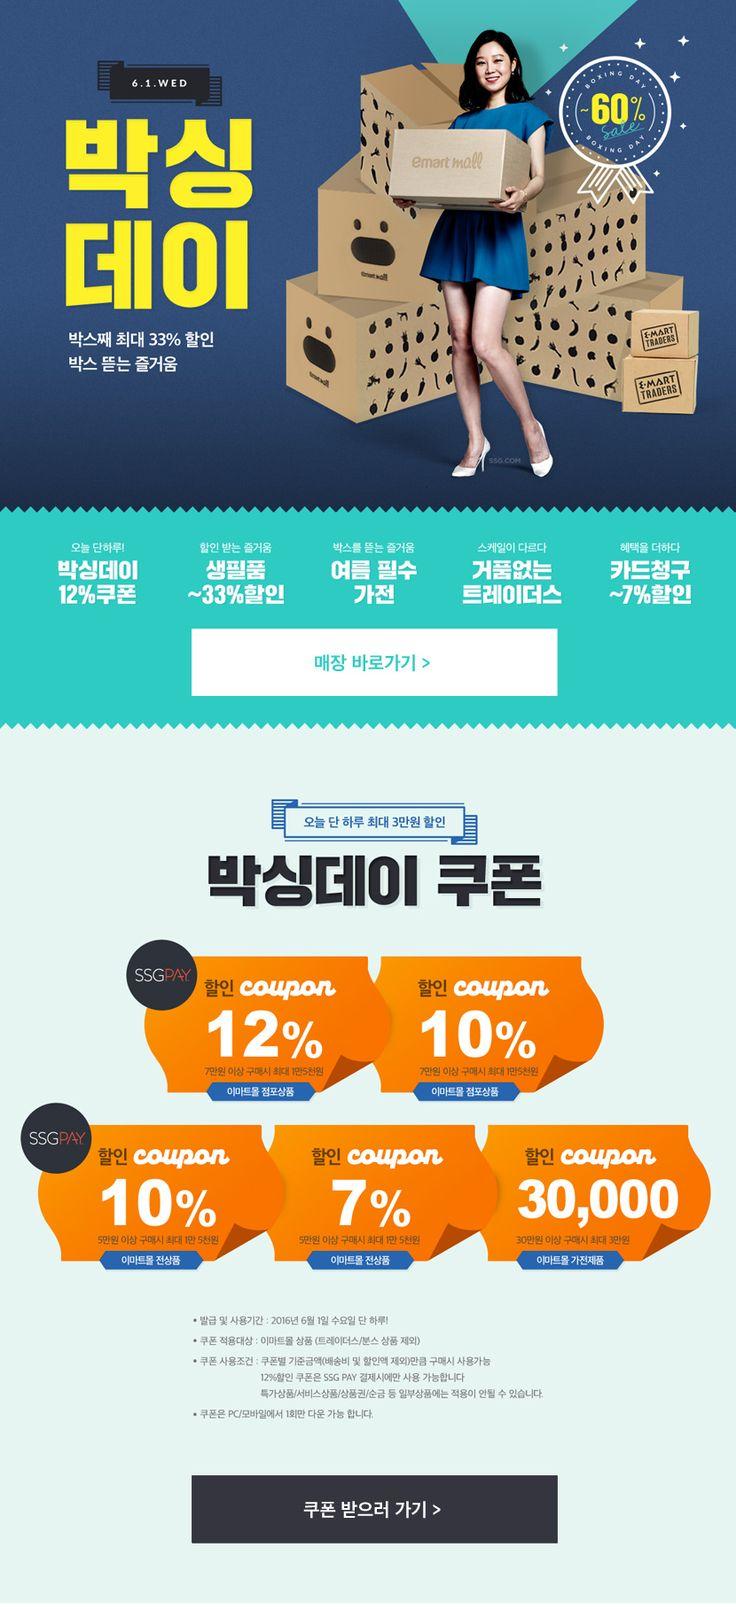 (광고) 6/1 단 하루, 박싱데이▶ 최대 3만원 5종쿠폰│박스째 쓱 ~60% 상품할인 | 받은편지함 | Daum 메일